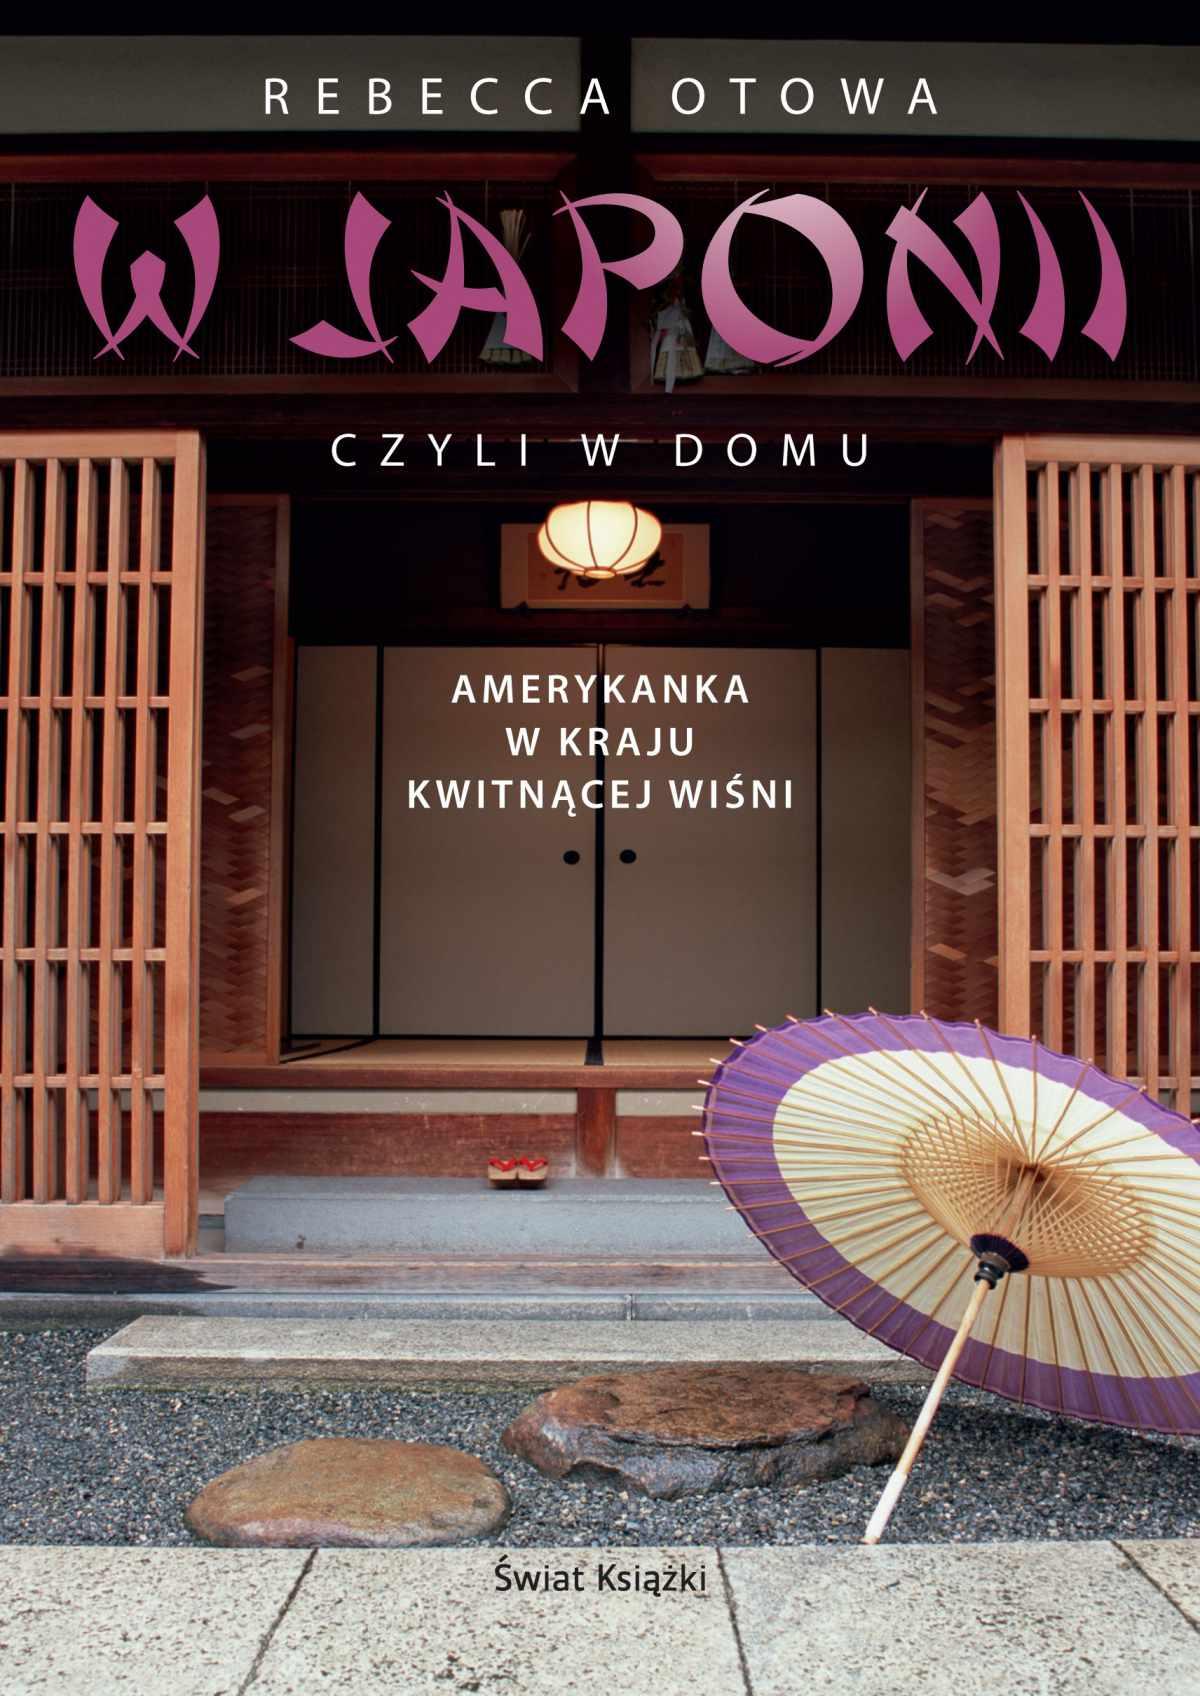 W Japonii, czyli w domu - Ebook (Książka na Kindle) do pobrania w formacie MOBI